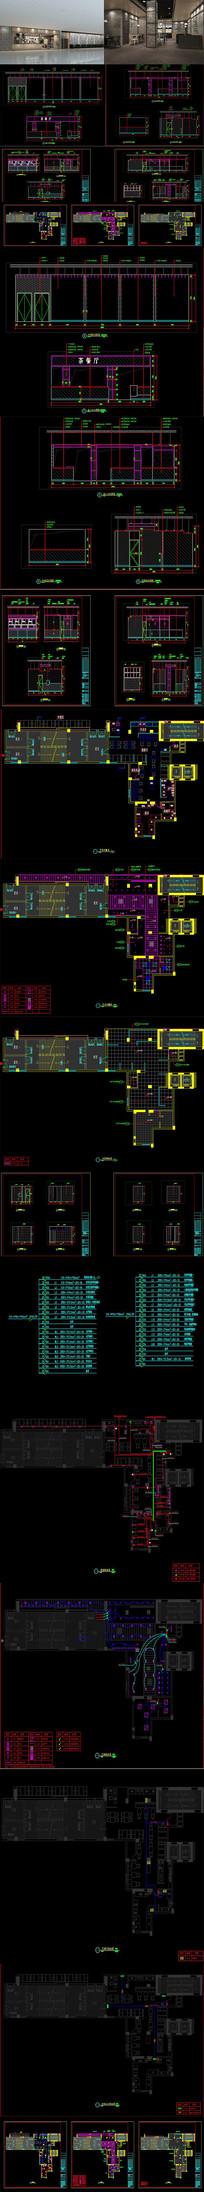 全套茶餐厅CAD施工图 效果图